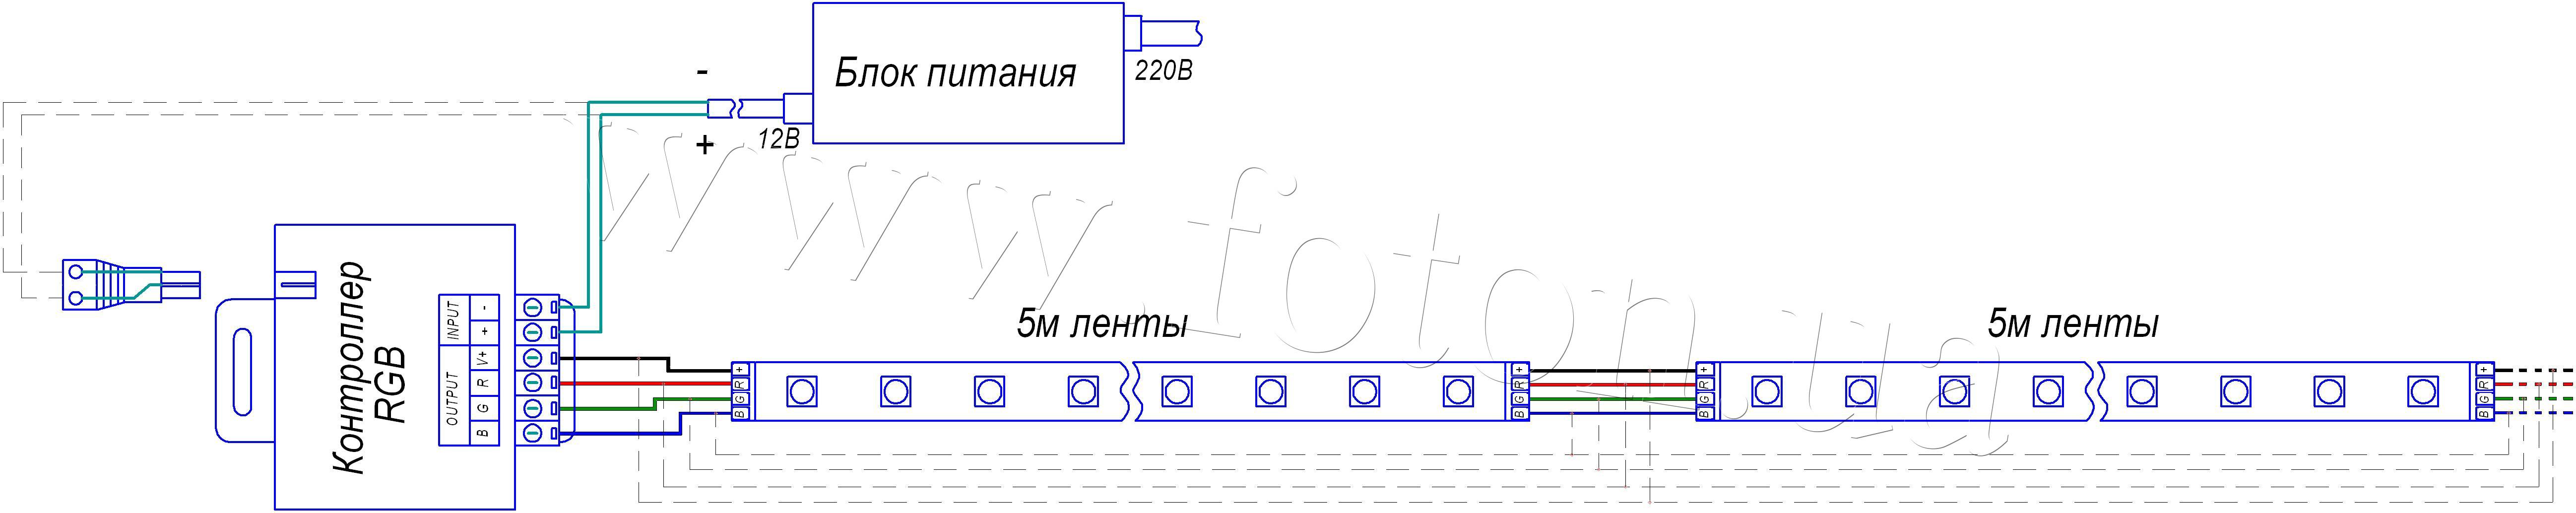 Схема для подсветки выключателя 220в светодиодом